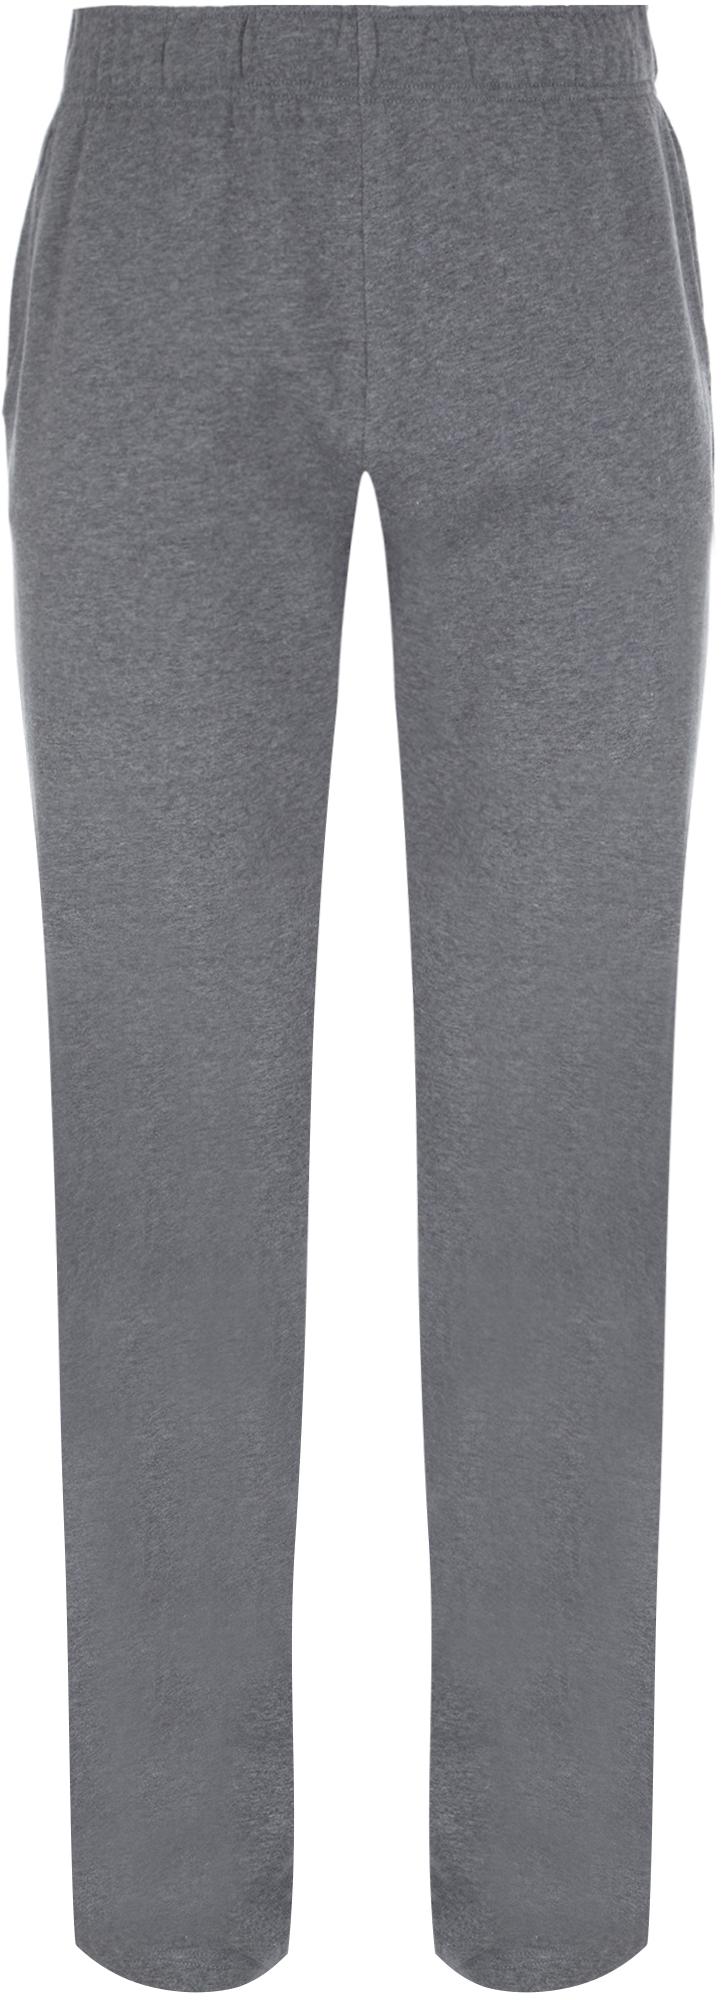 Demix Брюки мужские Demix, размер 58-60 недорго, оригинальная цена